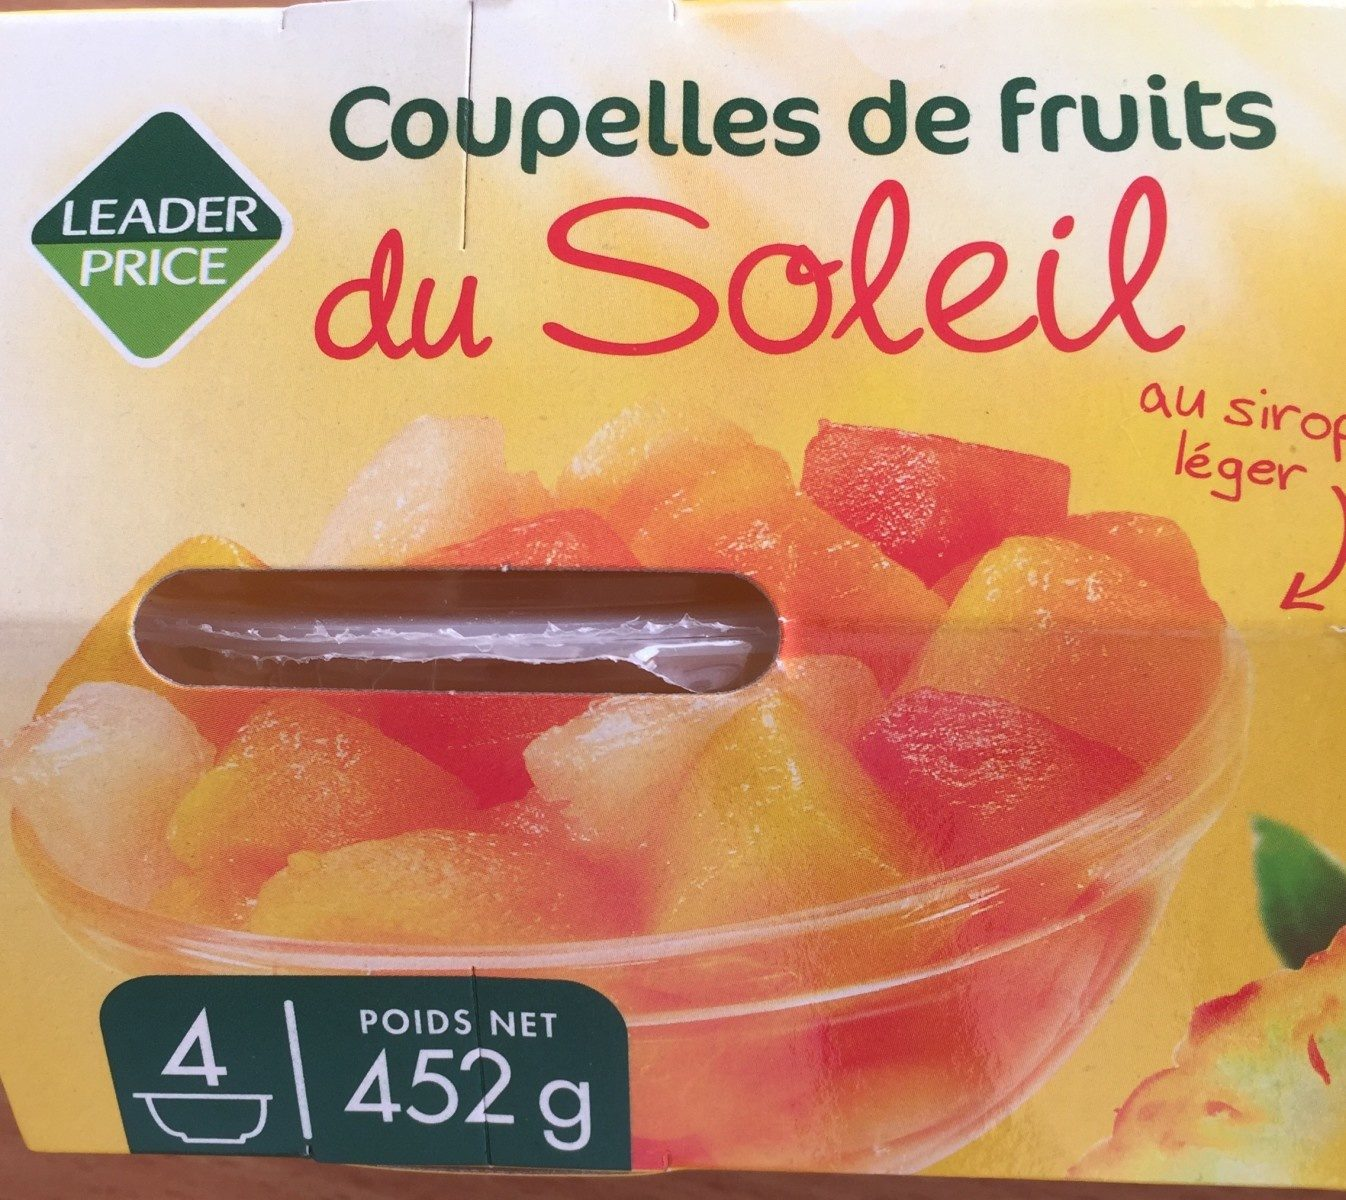 Coupelles de fruits du soleil - Product - fr